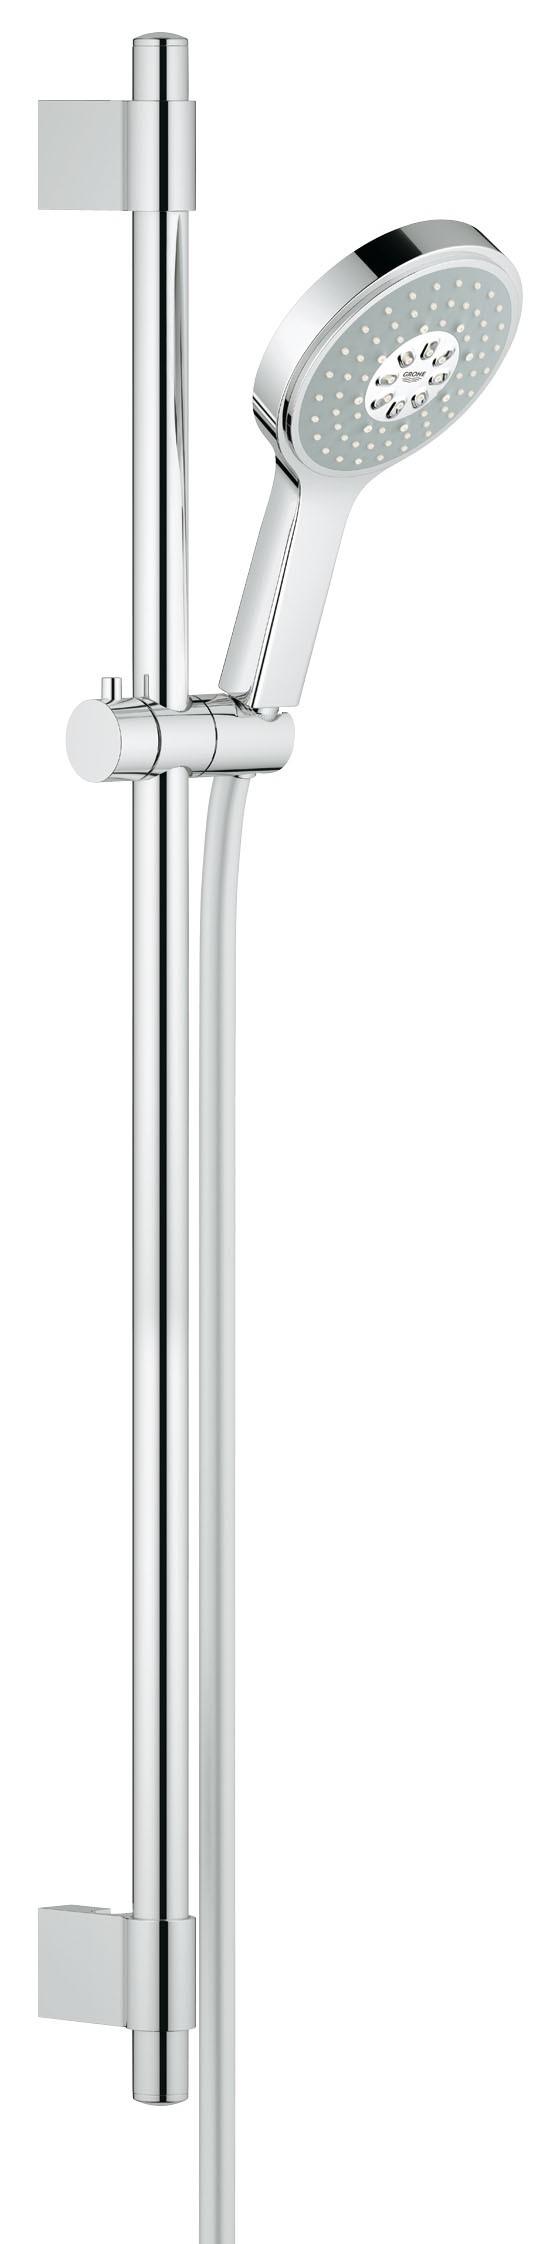 Душевой гарнитур Grohe 27734000 Power&Soul Cosmopolitan 130 (ручной душ, штанга 900 мм, шланг 1750 мм) с ограничением расхода воды,